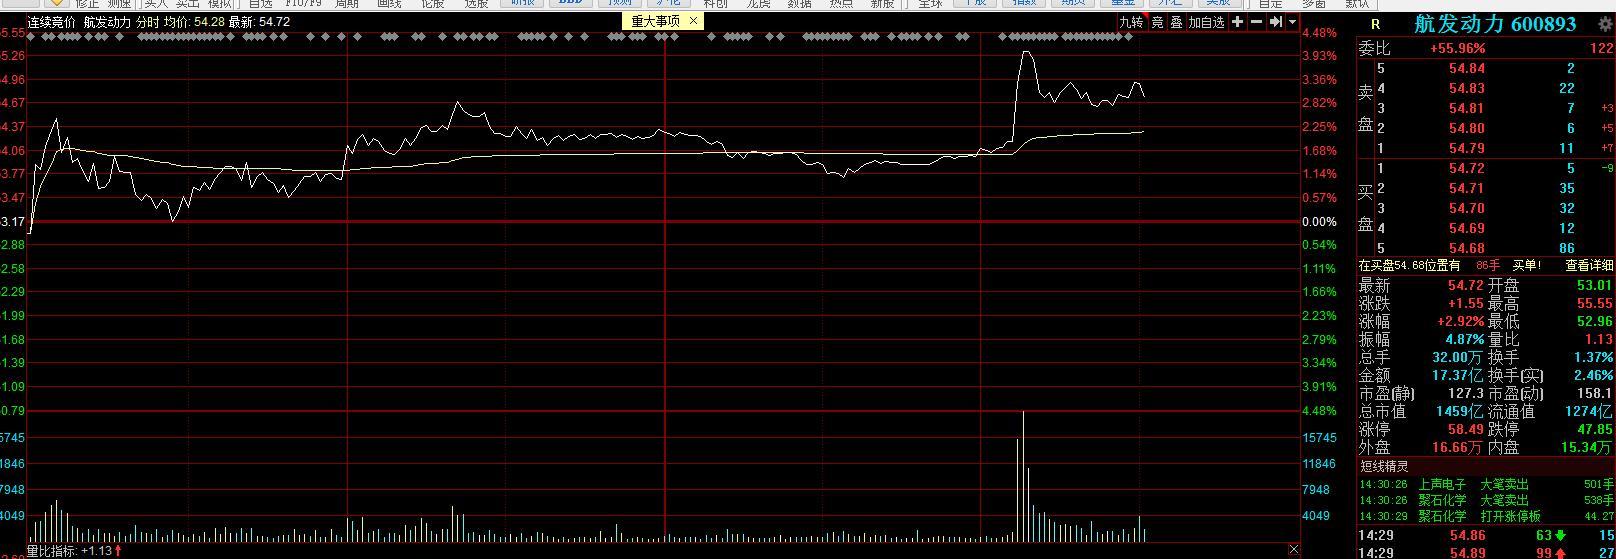 珠海航展今日正式开幕,中国空军官宣歼-20用上国产发动机!券商:当前军工板块具有高确定性和高性价比